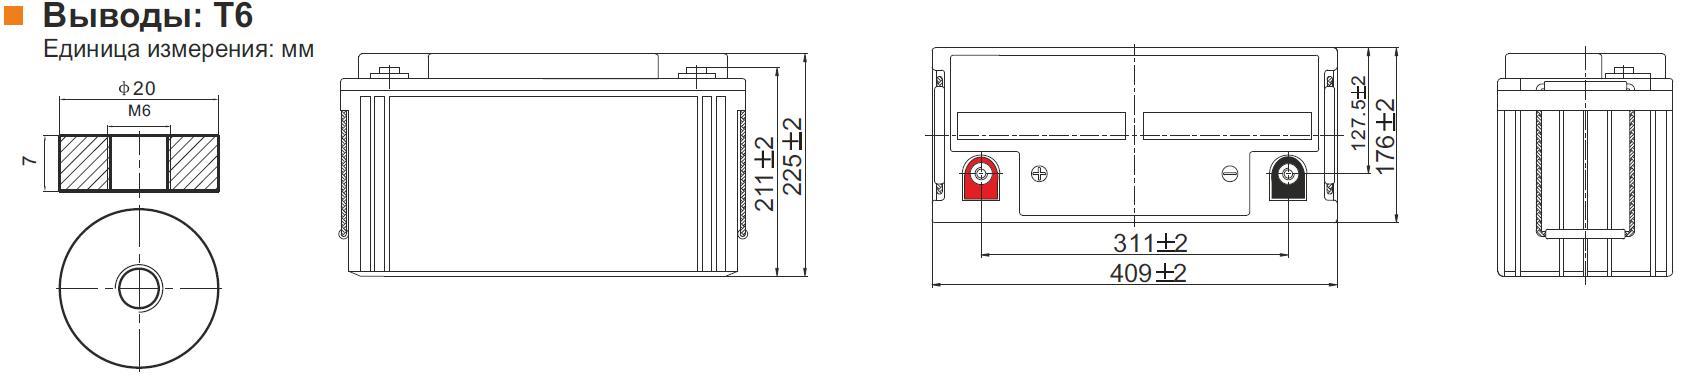 Габариты и тип клемм аккумулятора Leoch DJM 12120